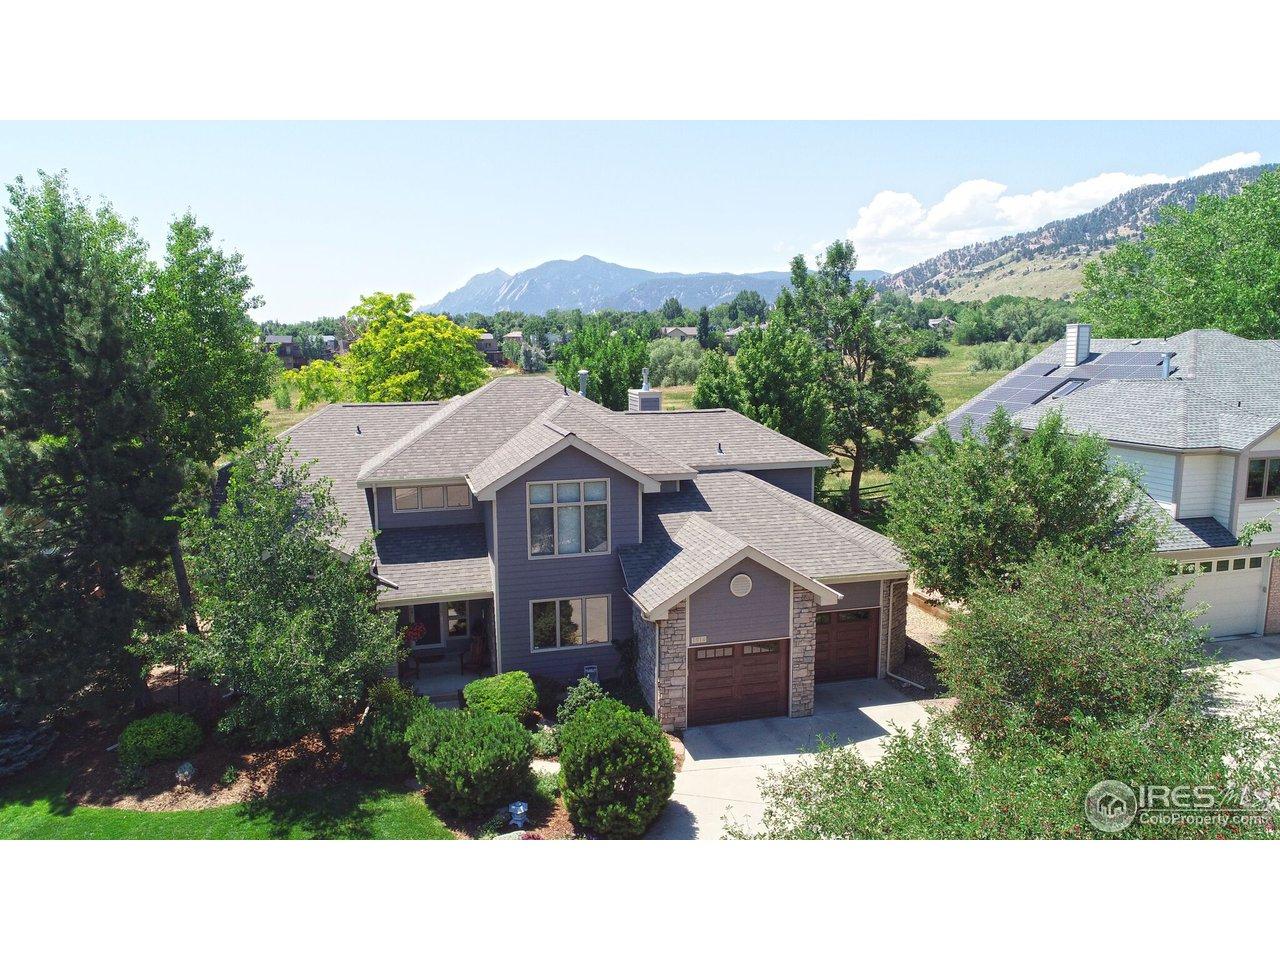 1014 Utica Cir, Boulder CO 80304